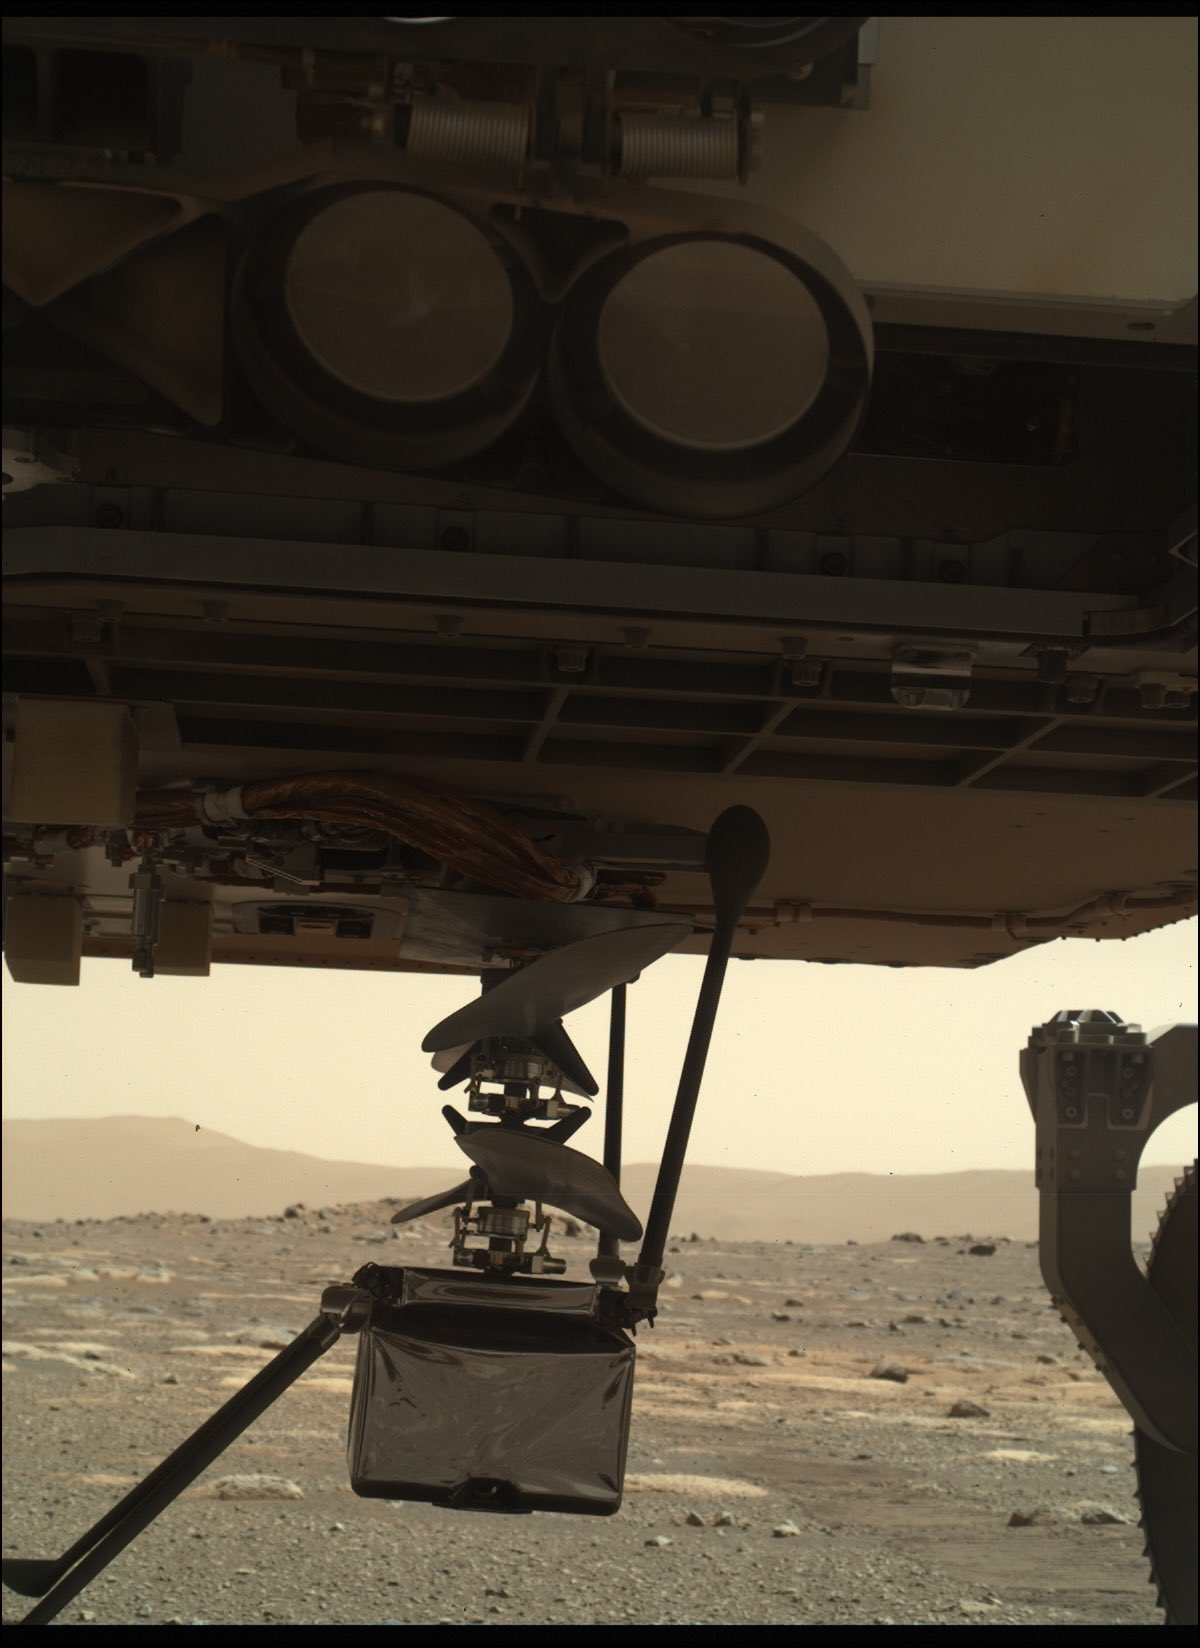 Mars 2020 (Perseverance) : exploration du cratère Jezero - Page 7 11869